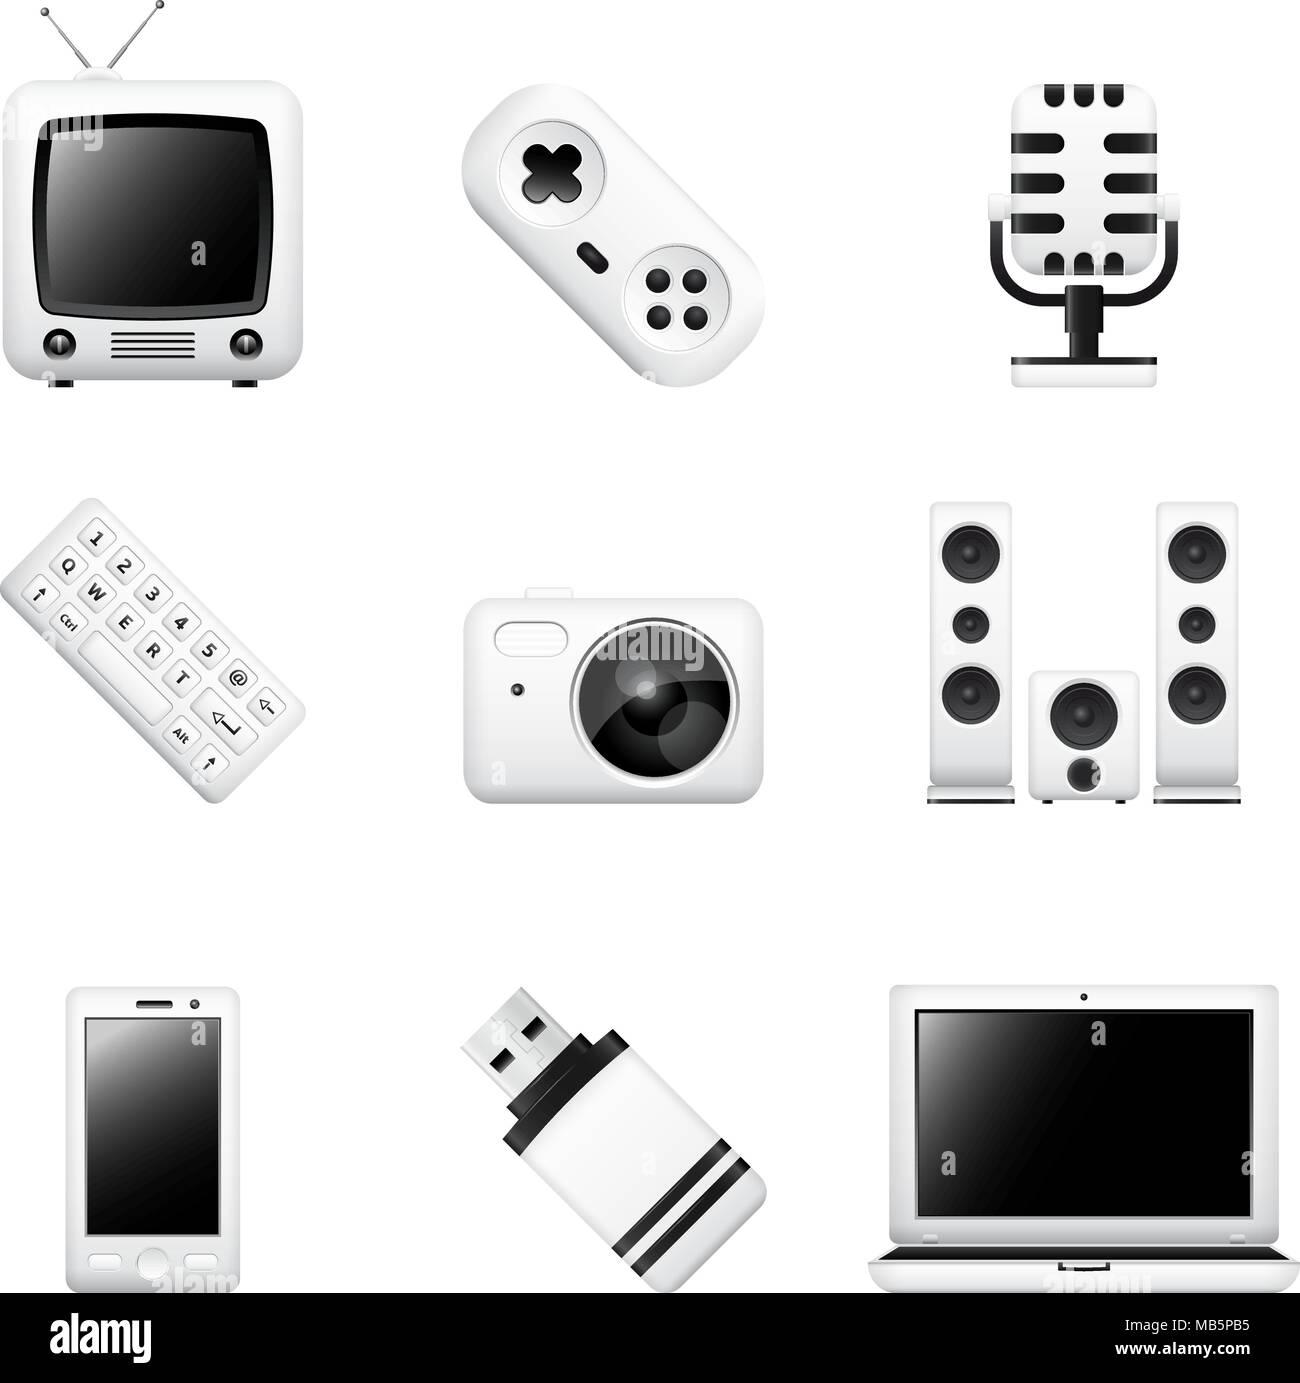 Großzügig Symbole Auf Elektronischen Geräten Ideen - Elektrische ...